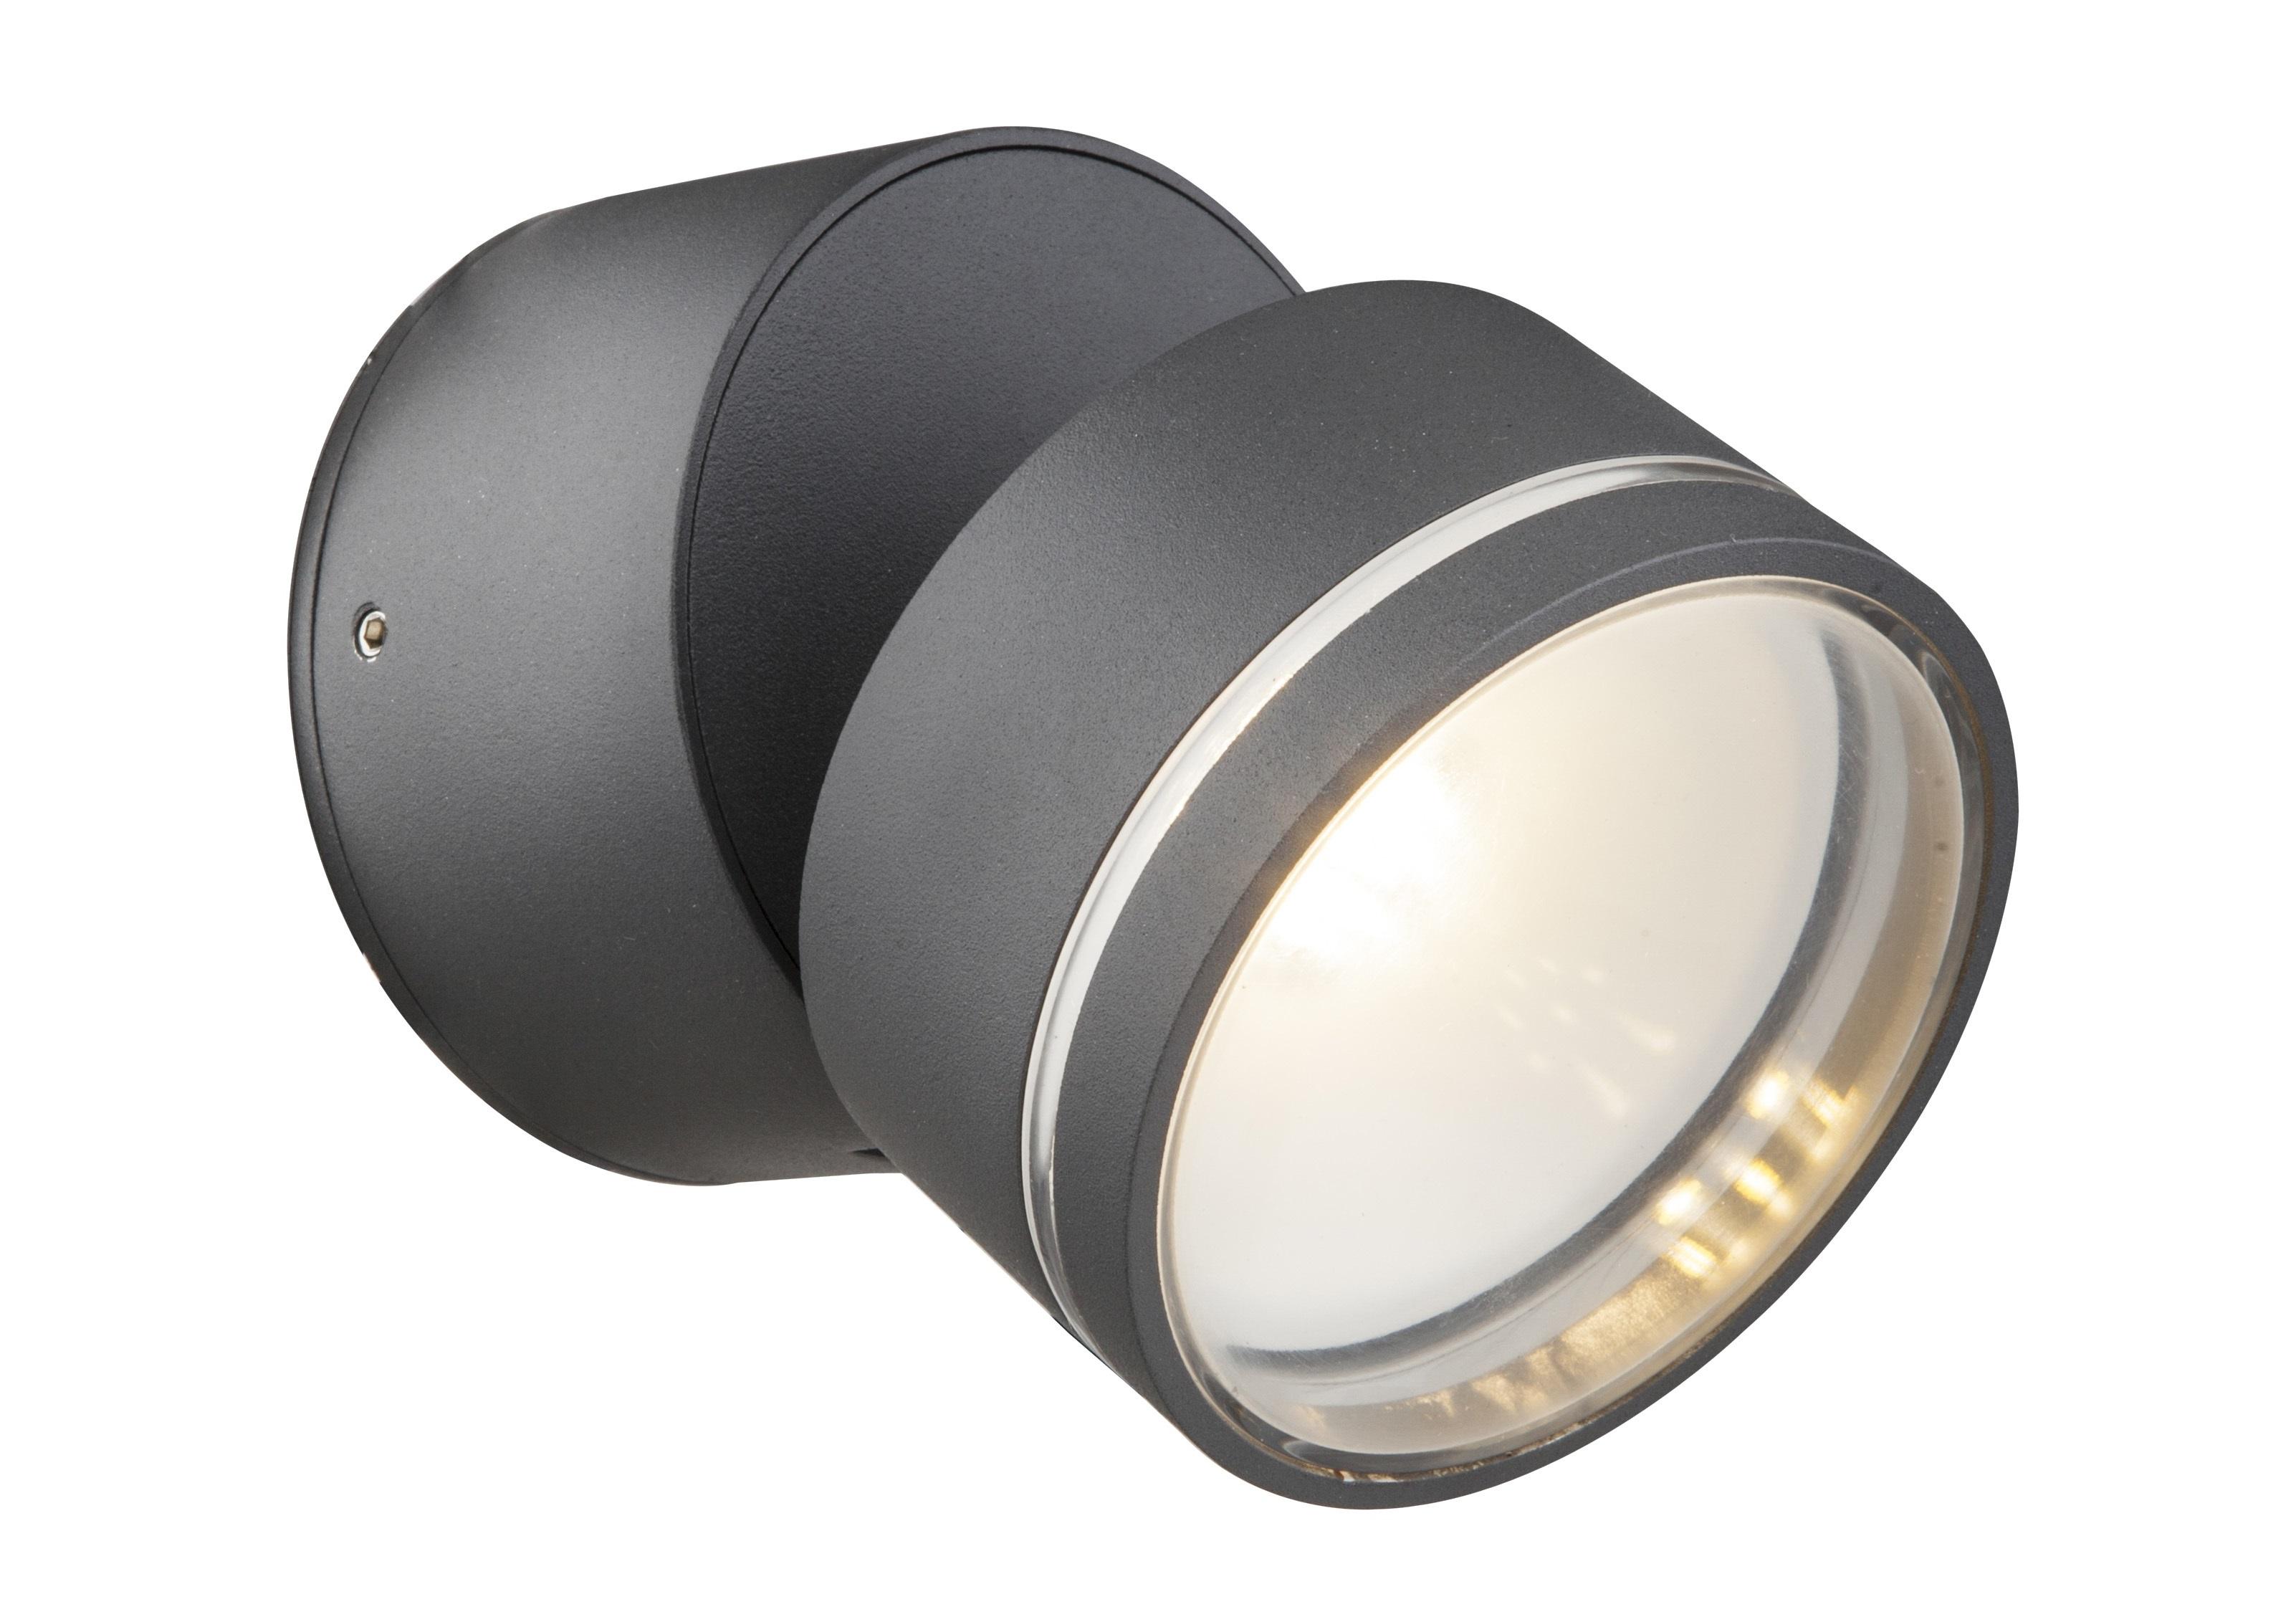 Светильник уличныйУличные настенные светильники<br>&amp;lt;div&amp;gt;Тип цоколя: LED&amp;lt;/div&amp;gt;&amp;lt;div&amp;gt;Мощность: 6W&amp;lt;/div&amp;gt;&amp;lt;div&amp;gt;Кол-во ламп: 1 (в комплекте)&amp;lt;/div&amp;gt;&amp;lt;div&amp;gt;&amp;lt;br&amp;gt;&amp;lt;/div&amp;gt;<br><br>Material: Металл<br>Ширина см: 10<br>Высота см: 10<br>Глубина см: 14